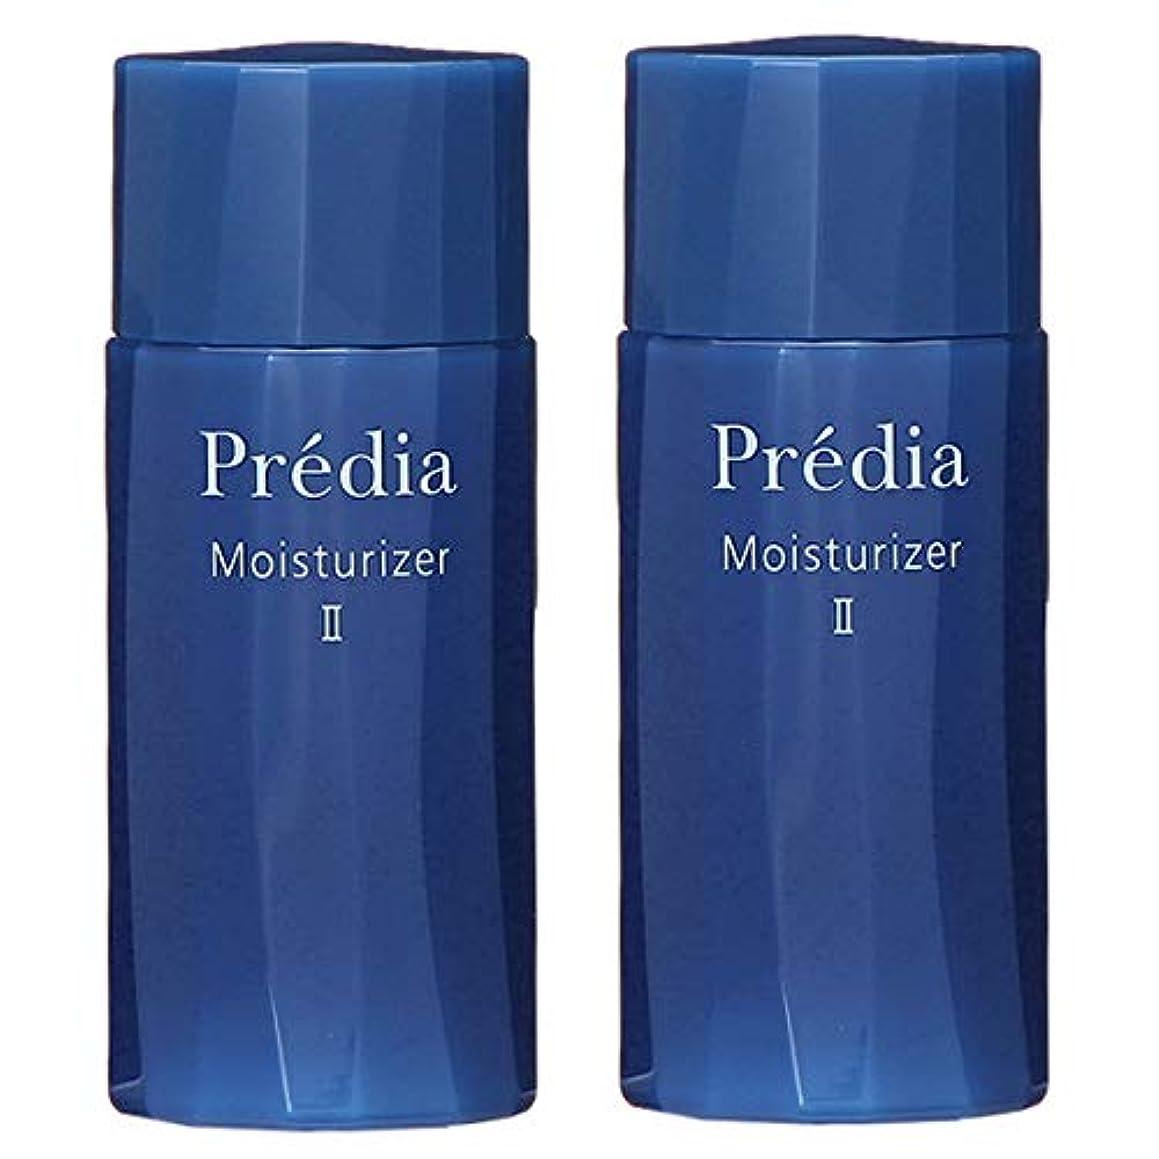 繁雑産地消毒するコーセー プレディア Predia モイスチュアライザー 120mL 2個セット